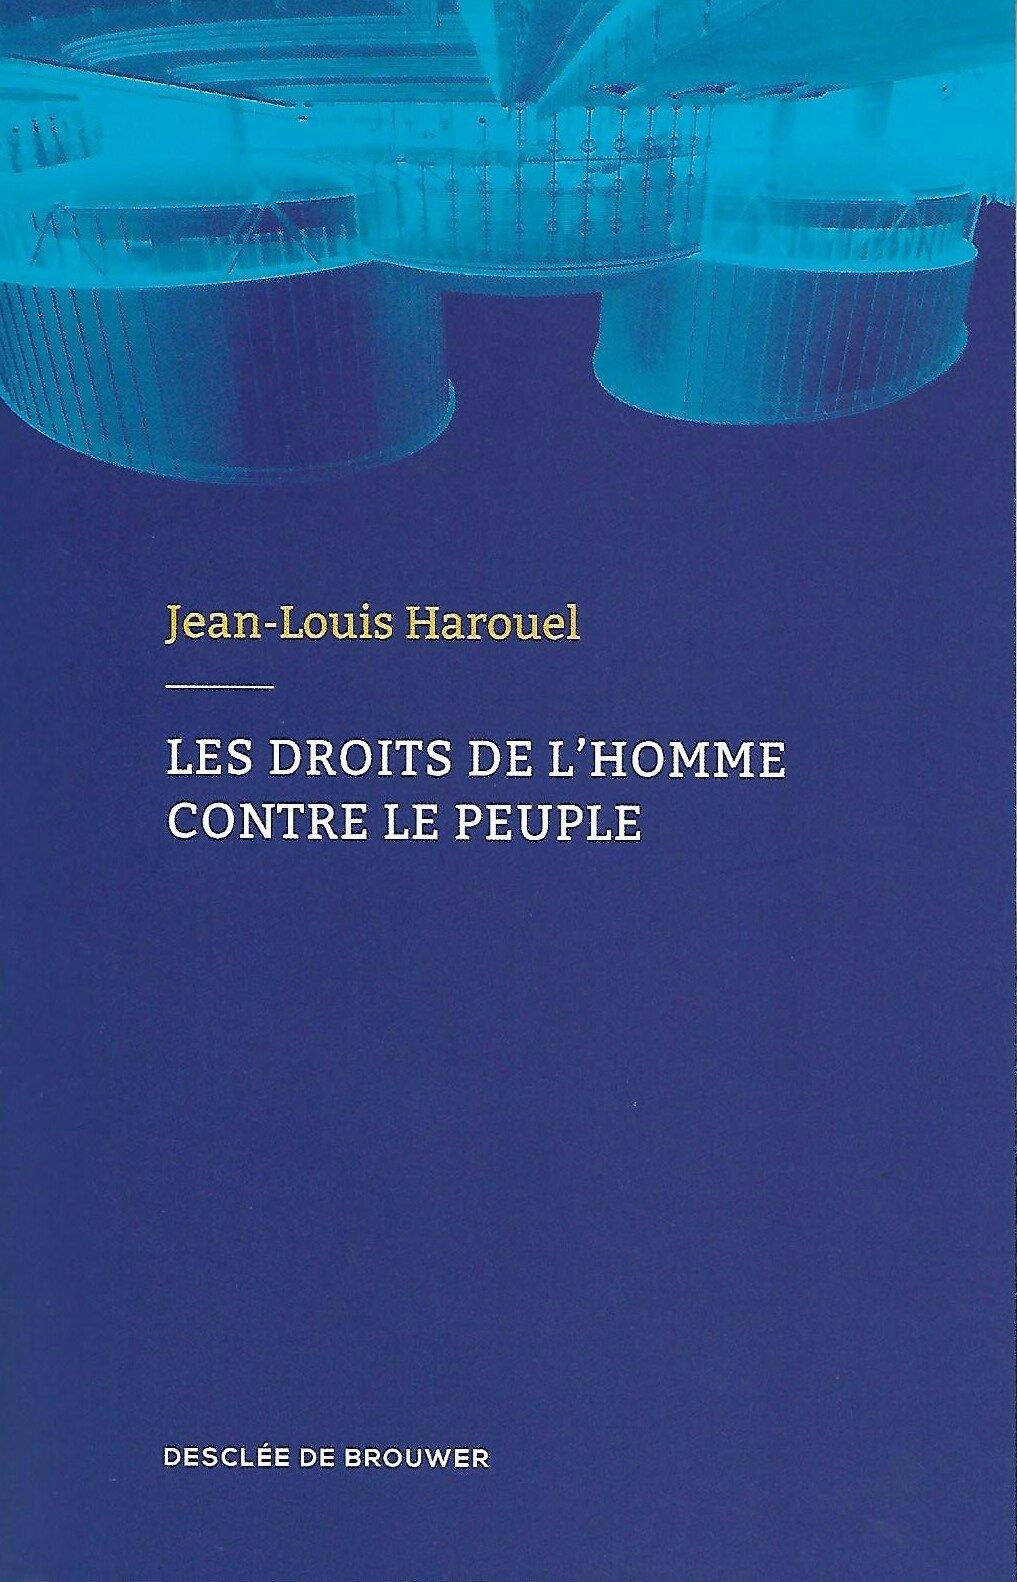 Les Droits de l'homme contre le peuple - par Jean-Louis Haourel